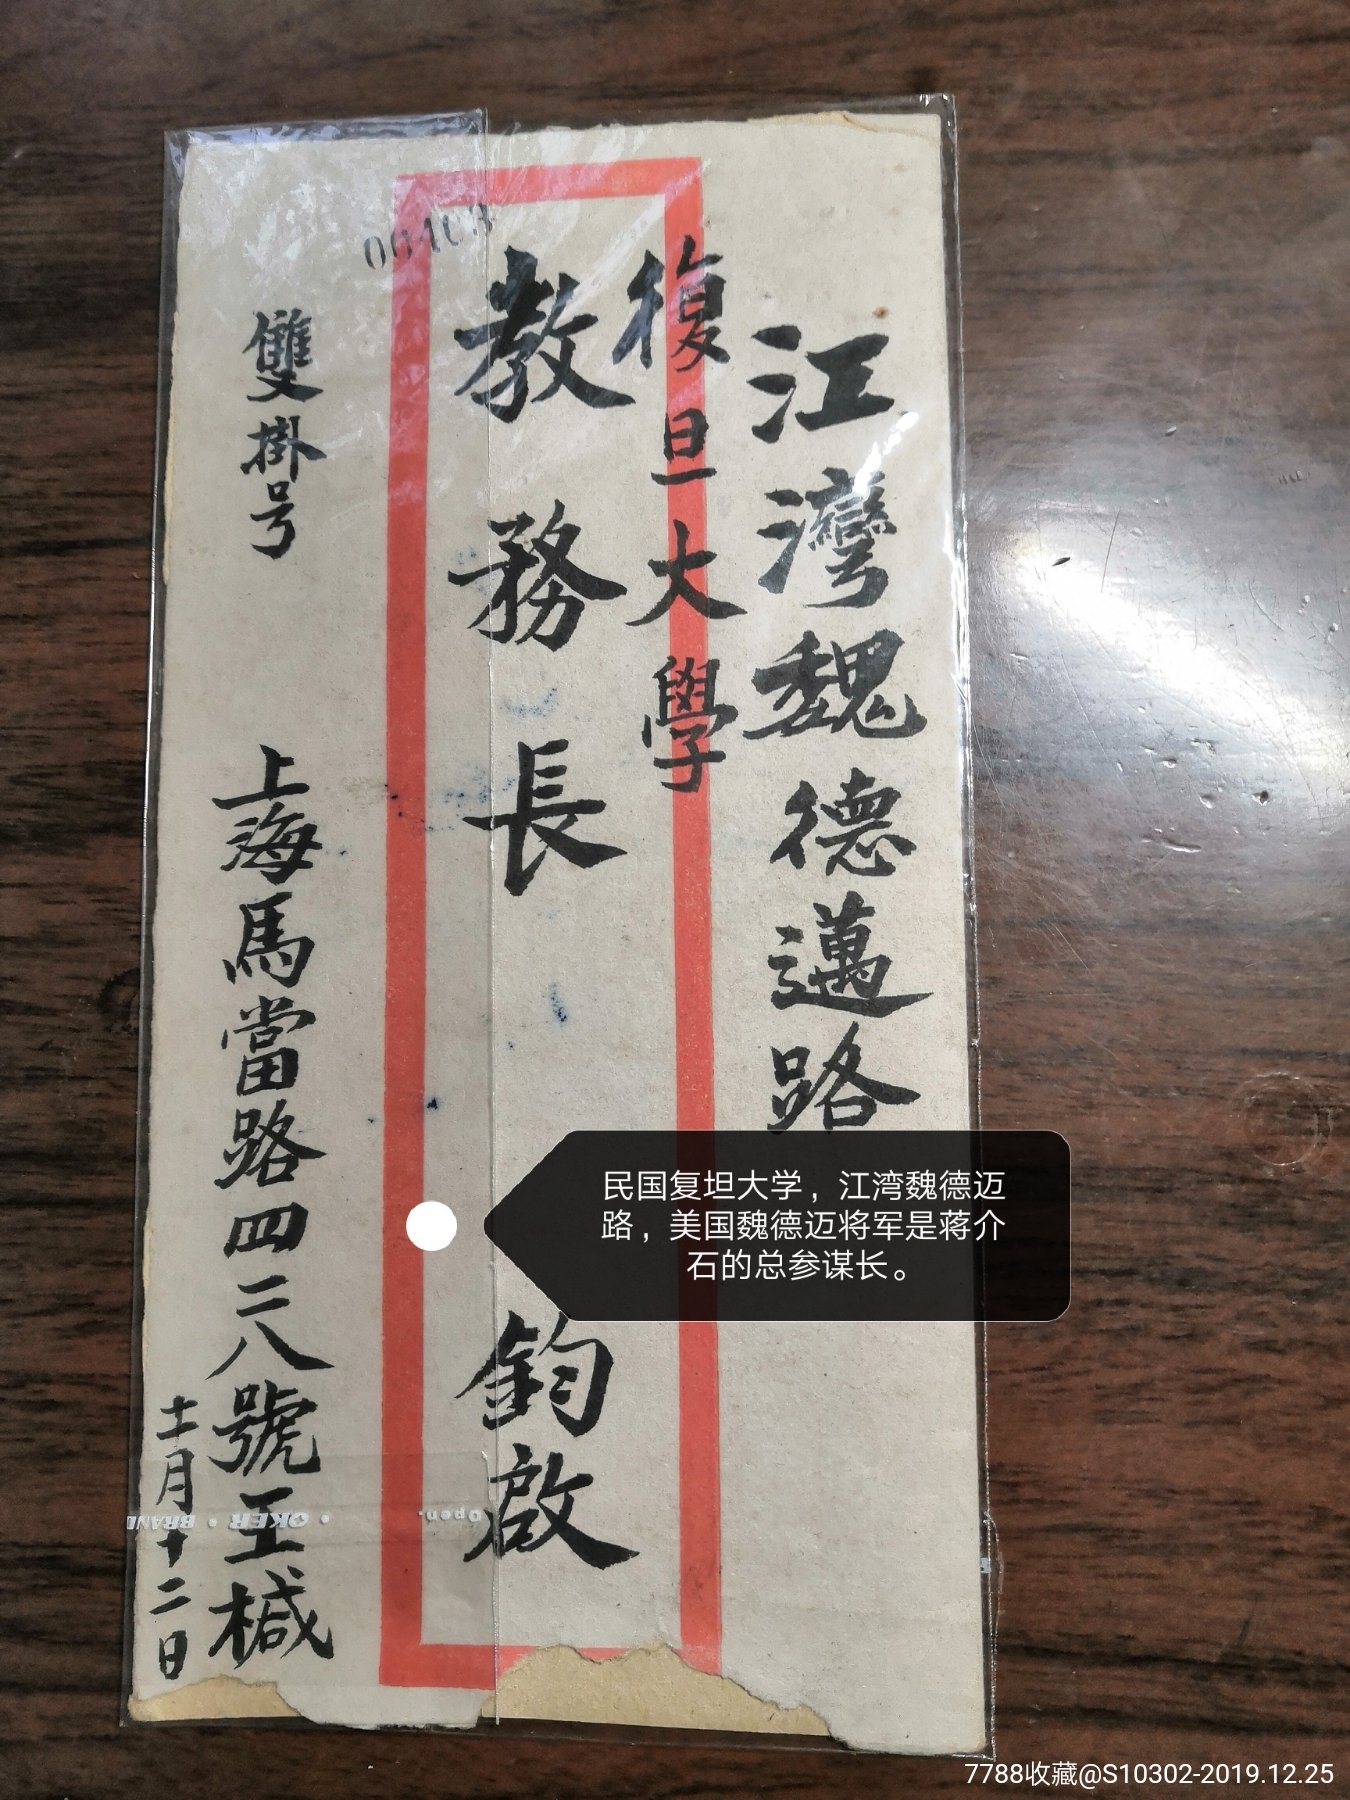 议价,照片后补,双挂号,复旦大学,江湾魏德迈路(se70359877)_